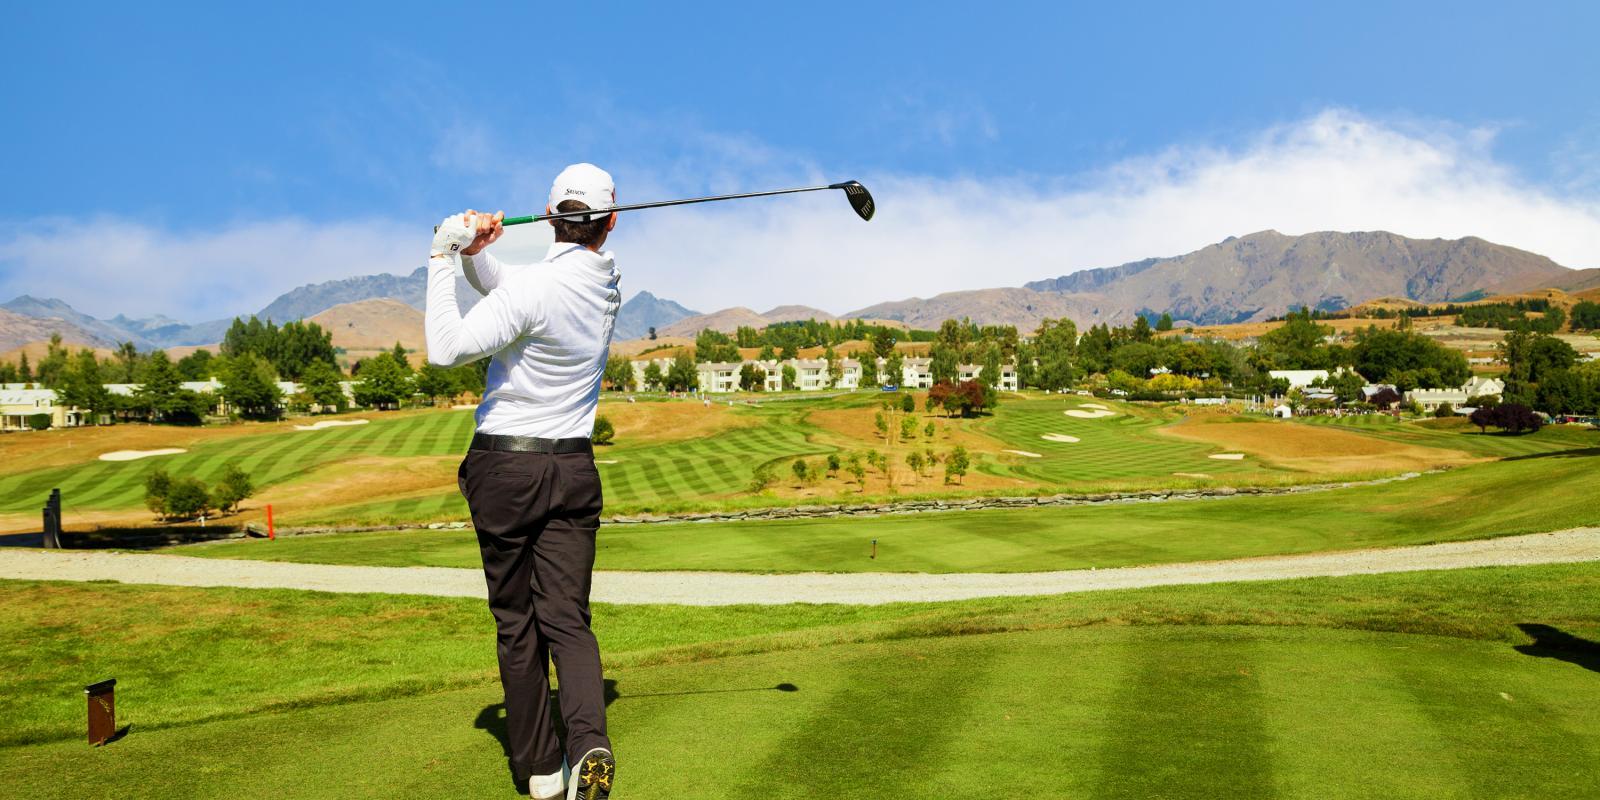 NZ Golf Open at Millbrook Resort